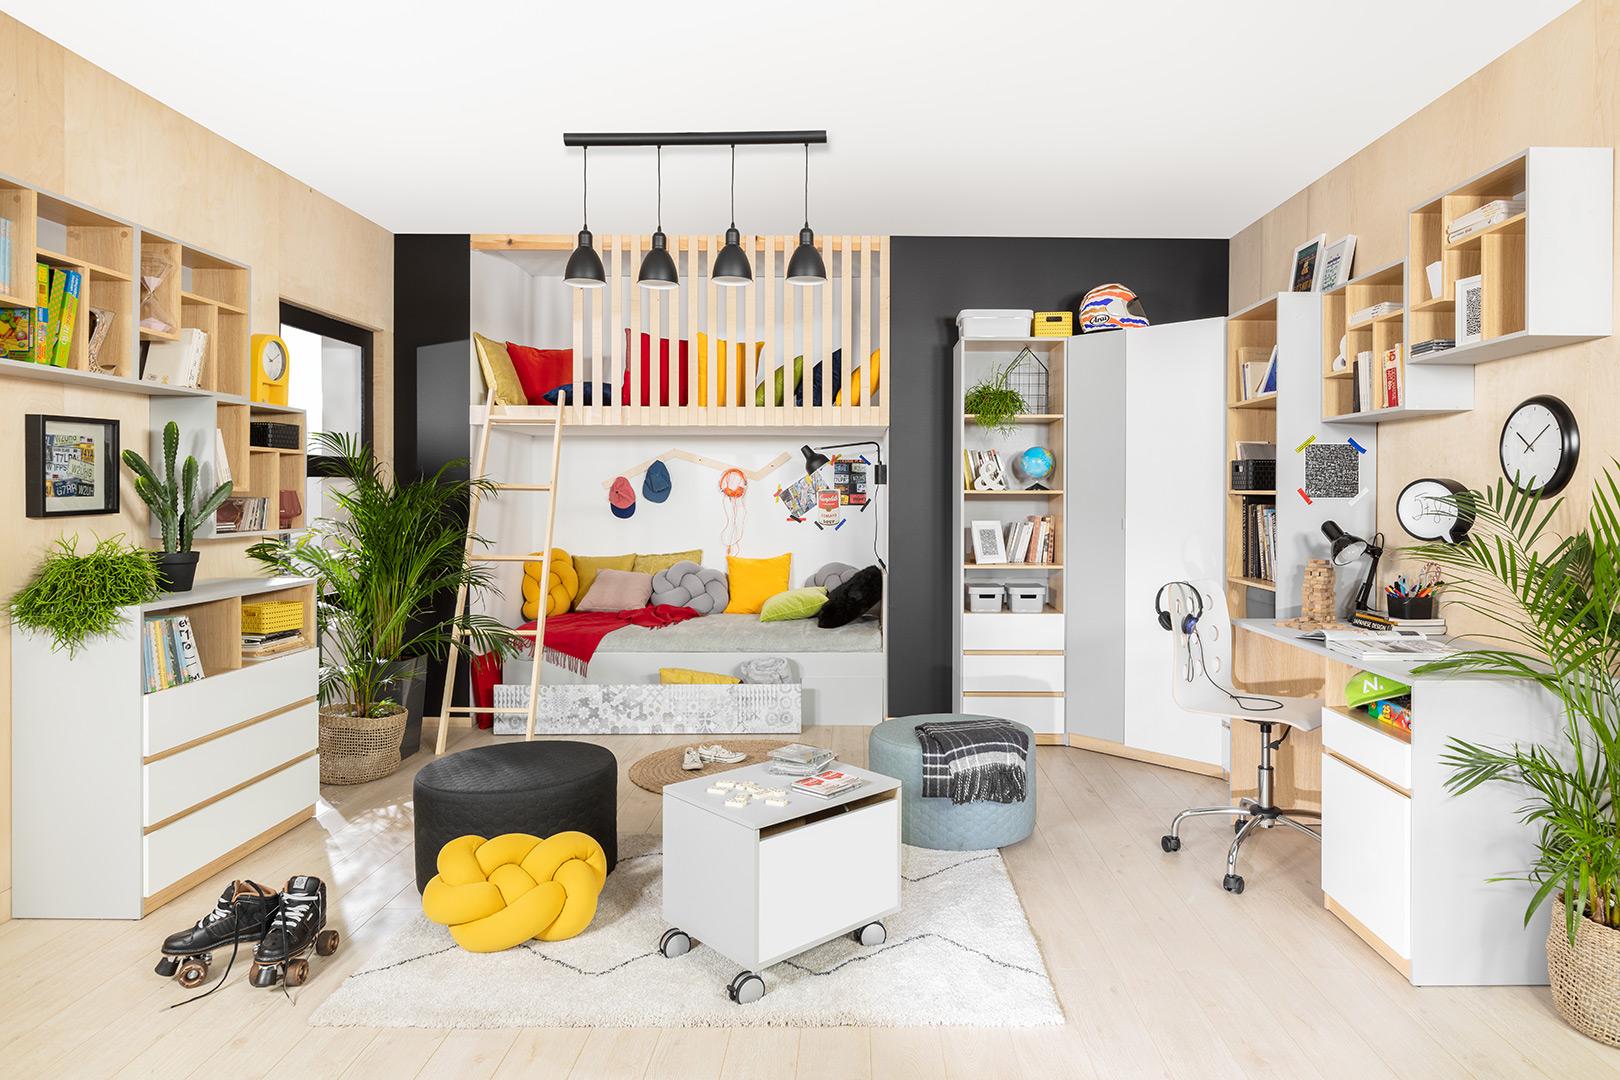 Jak zaaranżować pokój zabaw dla dziecka?